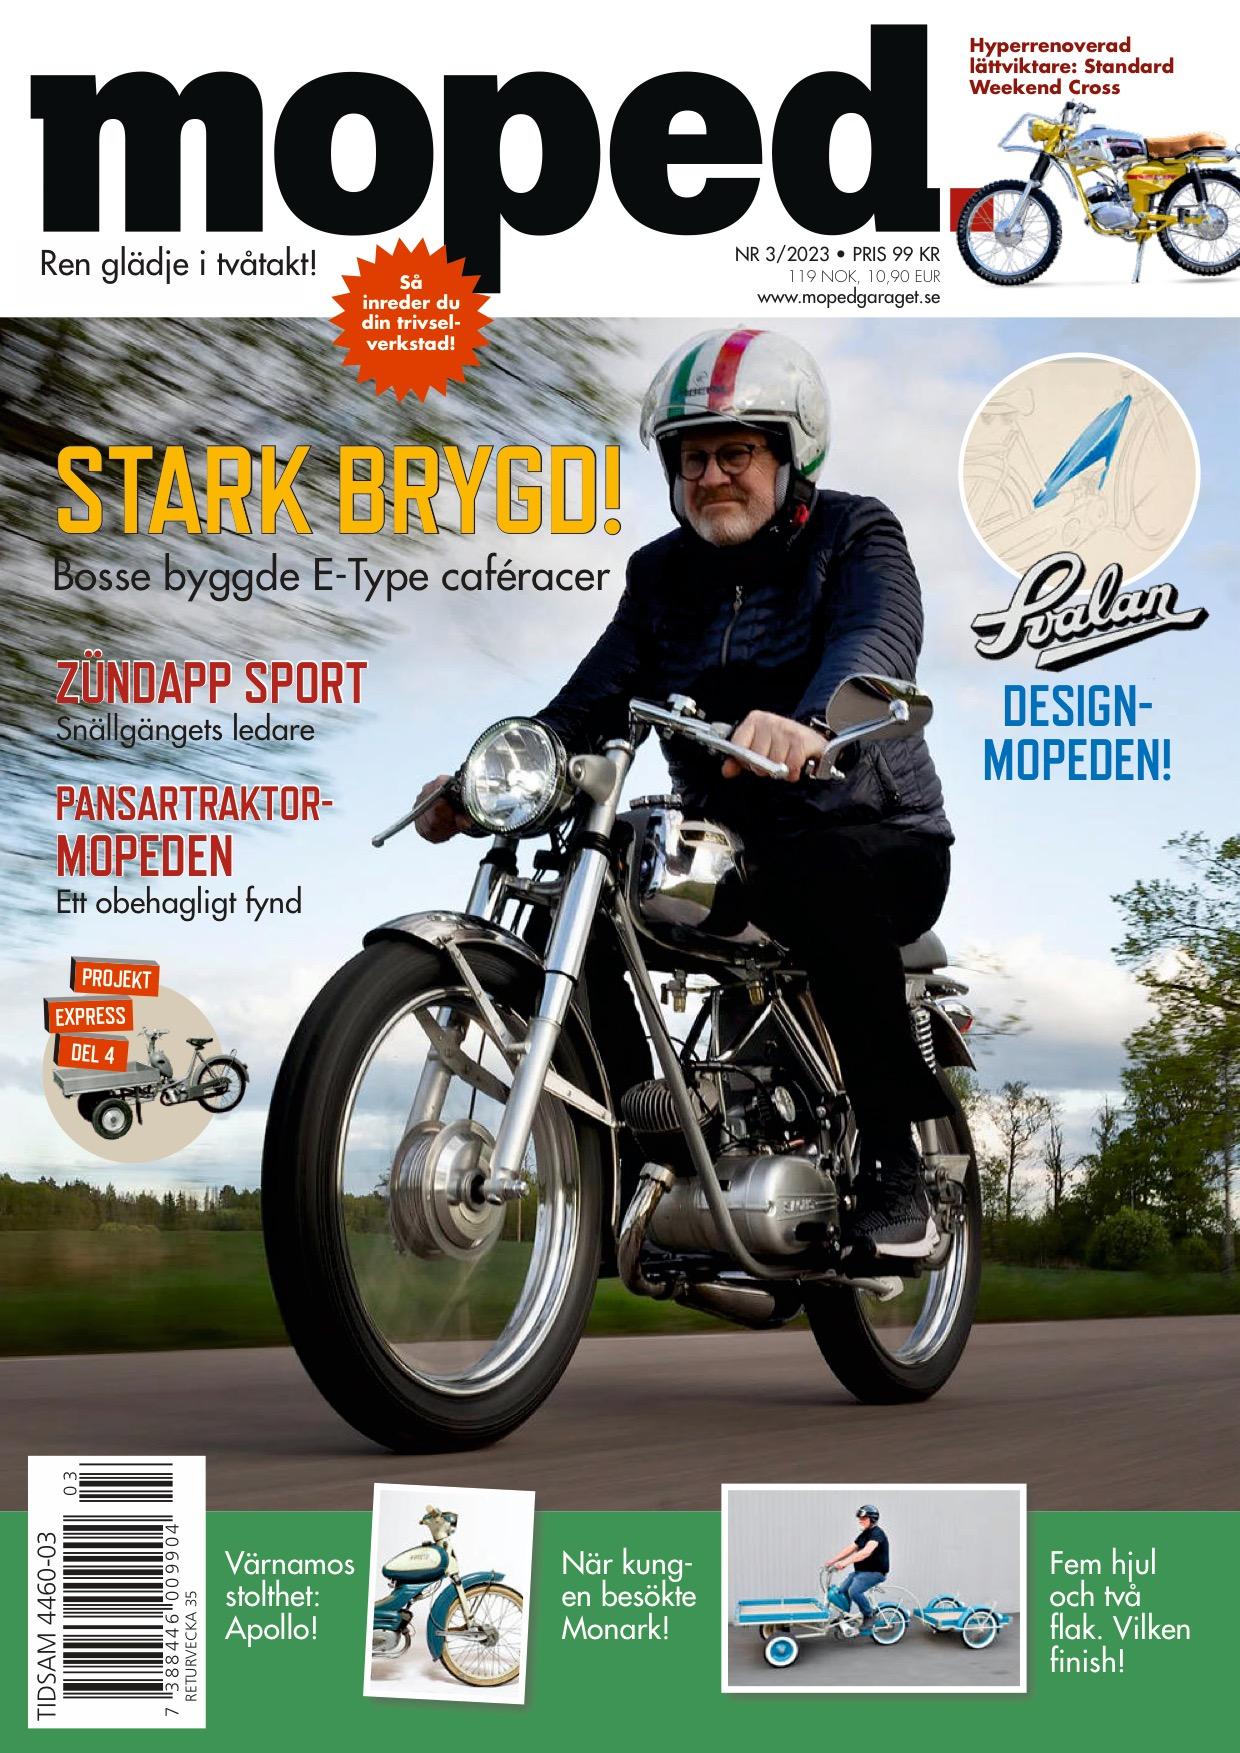 Omslaget till senaste utgåvan av tidningen Moped.